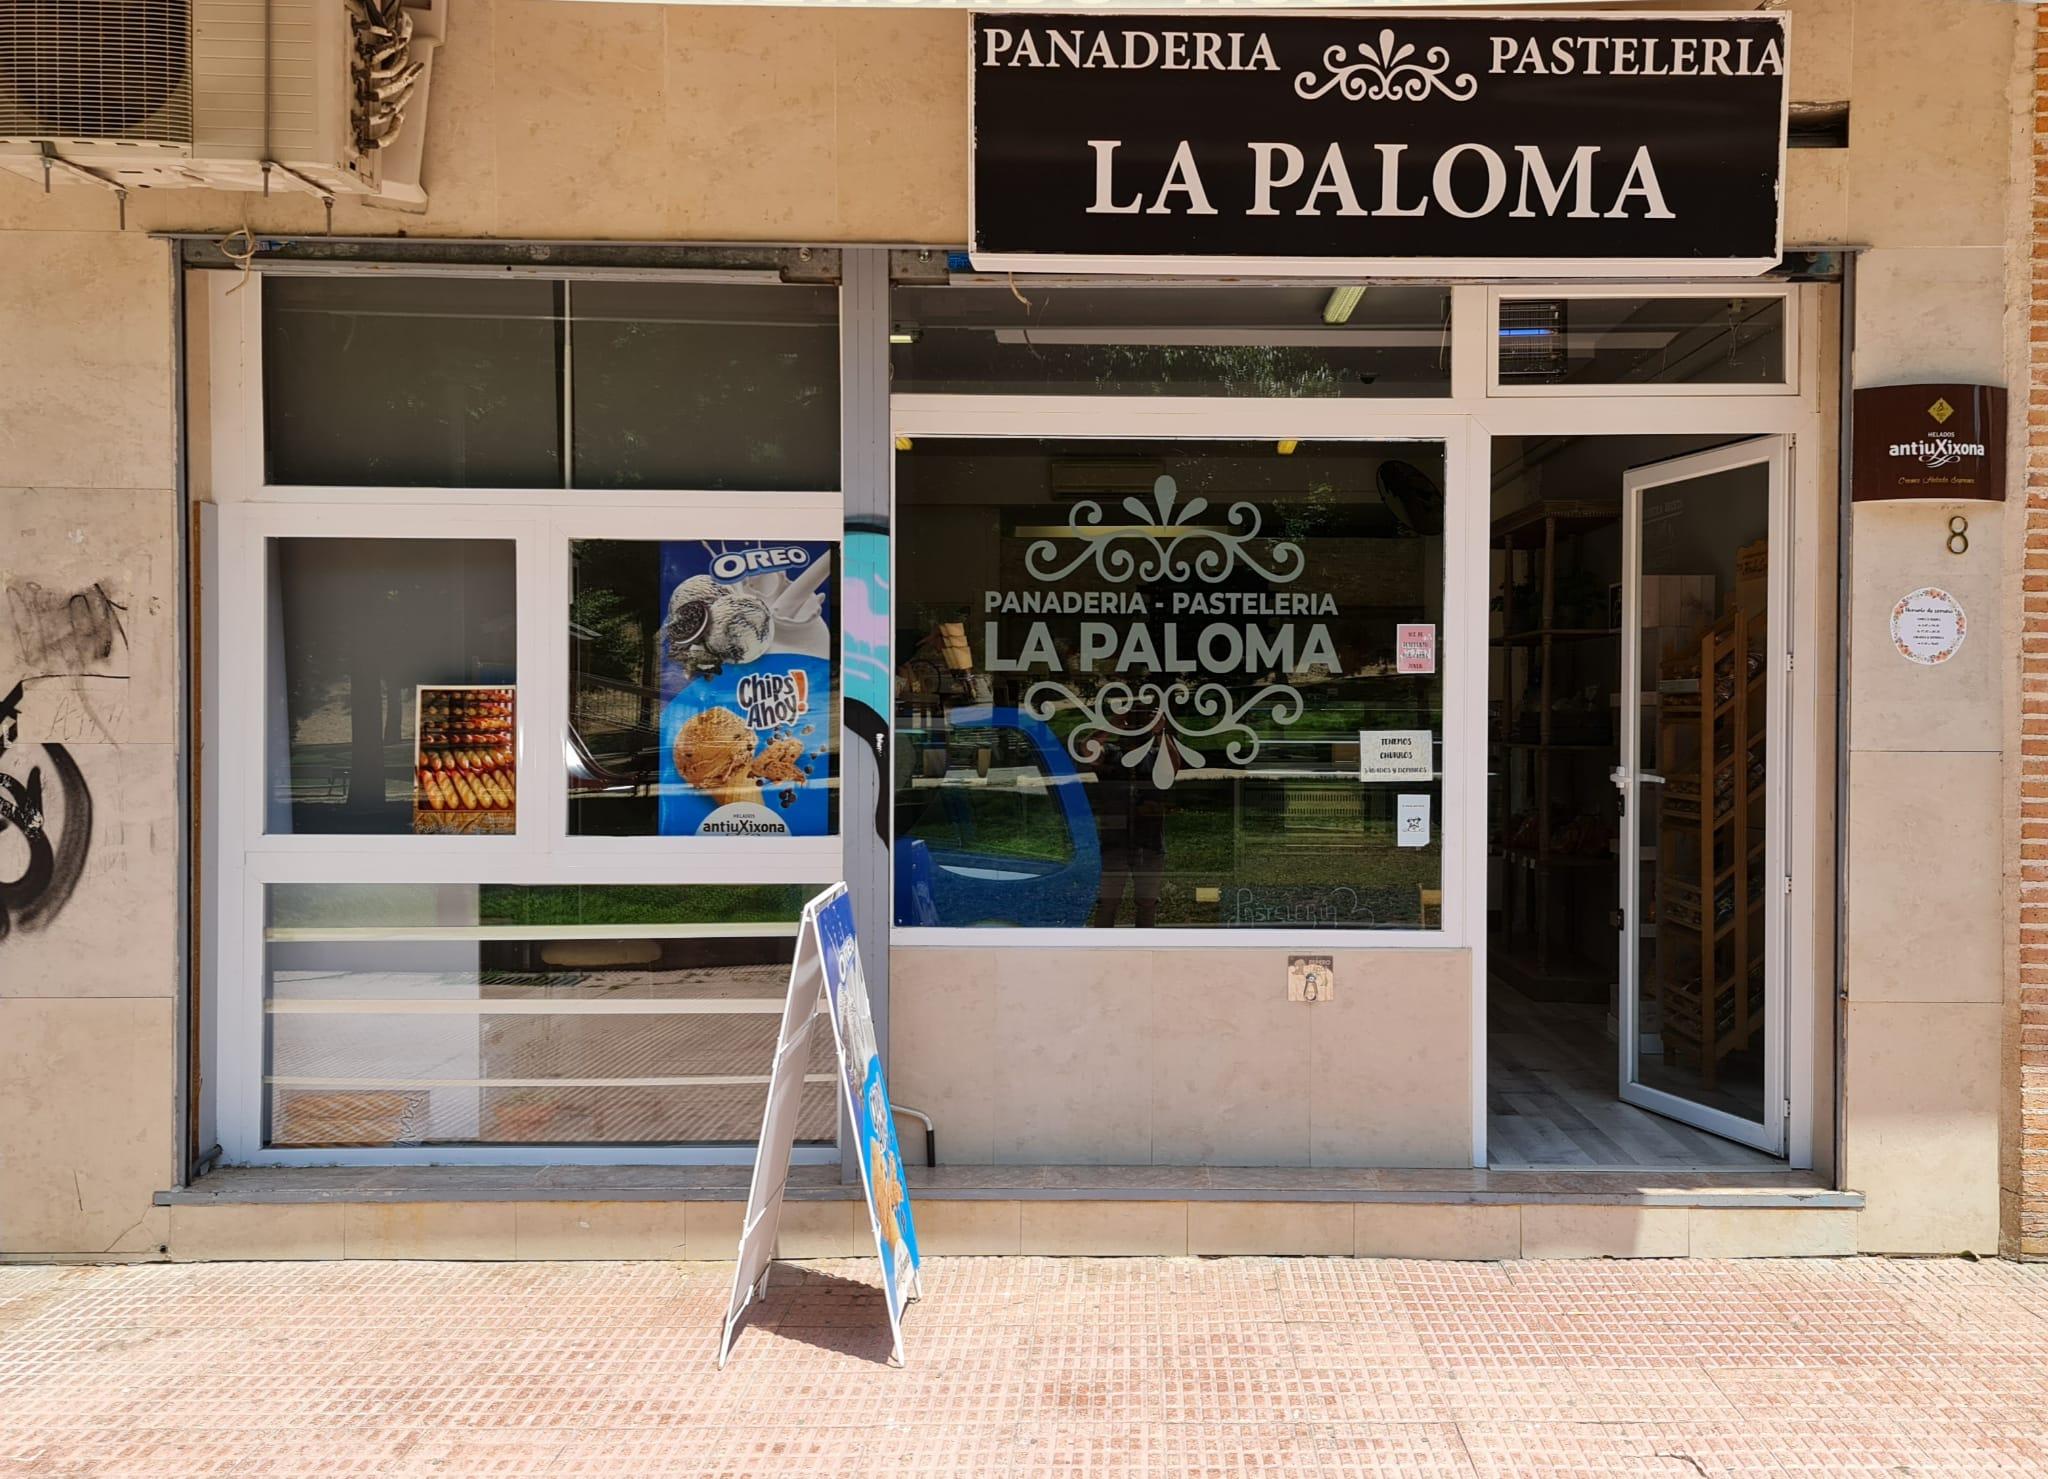 Pastelería panadería artesanal La Paloma